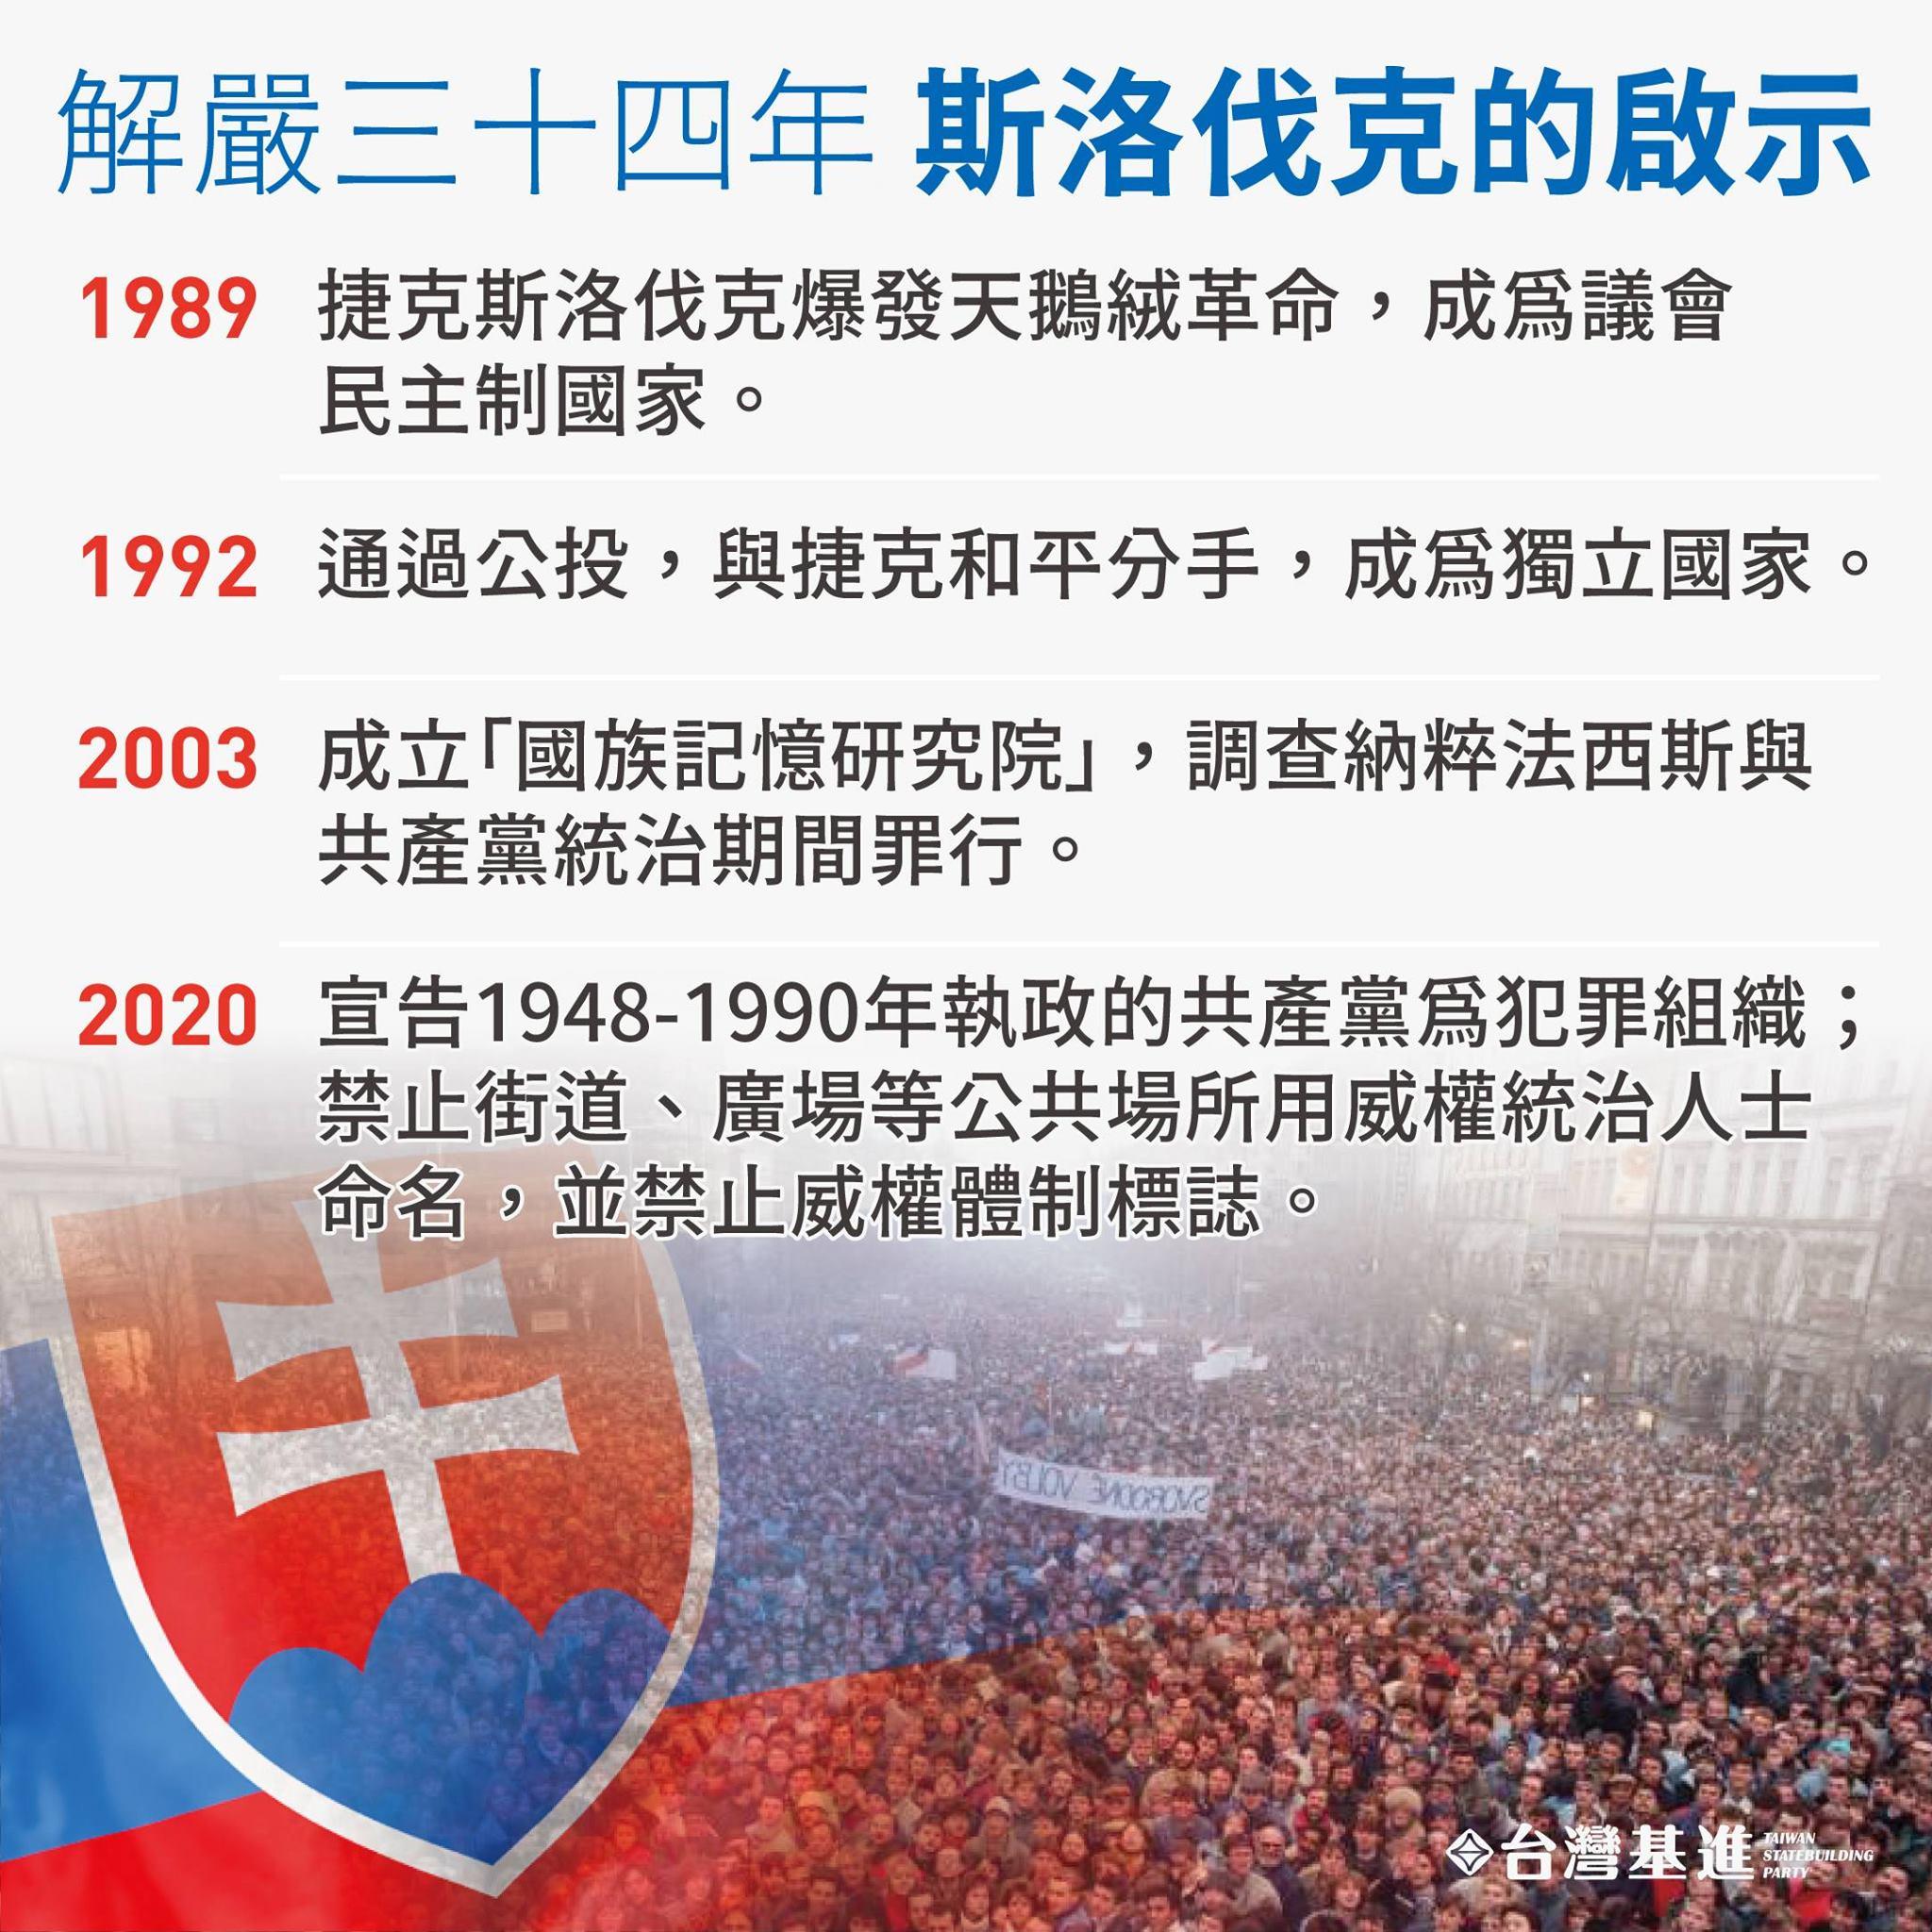 解嚴三十四周年 斯洛伐克的啟示